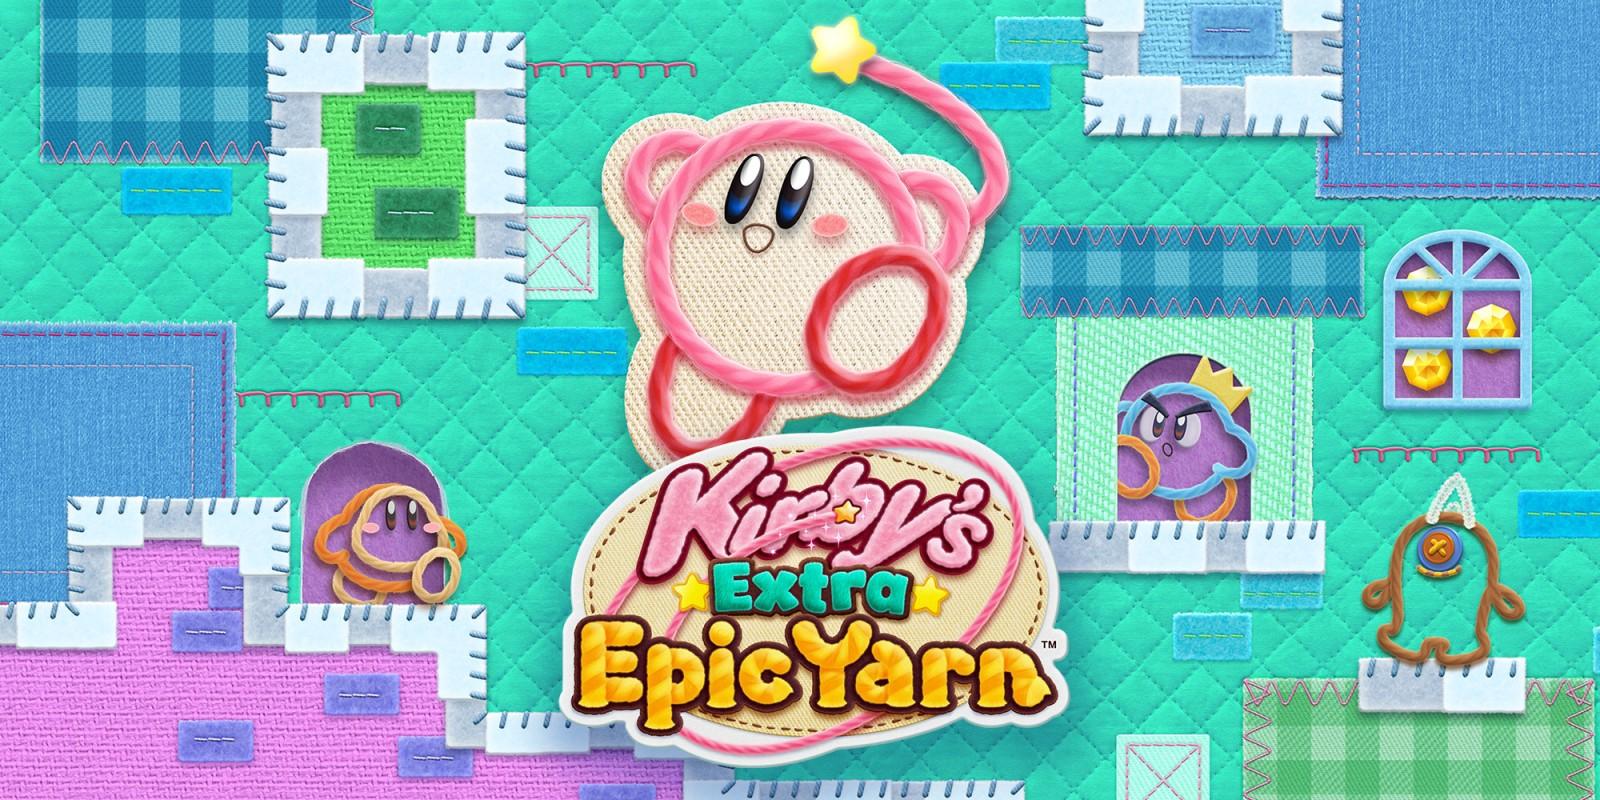 Hasil gambar untuk Kirby's Extra Epic Yam